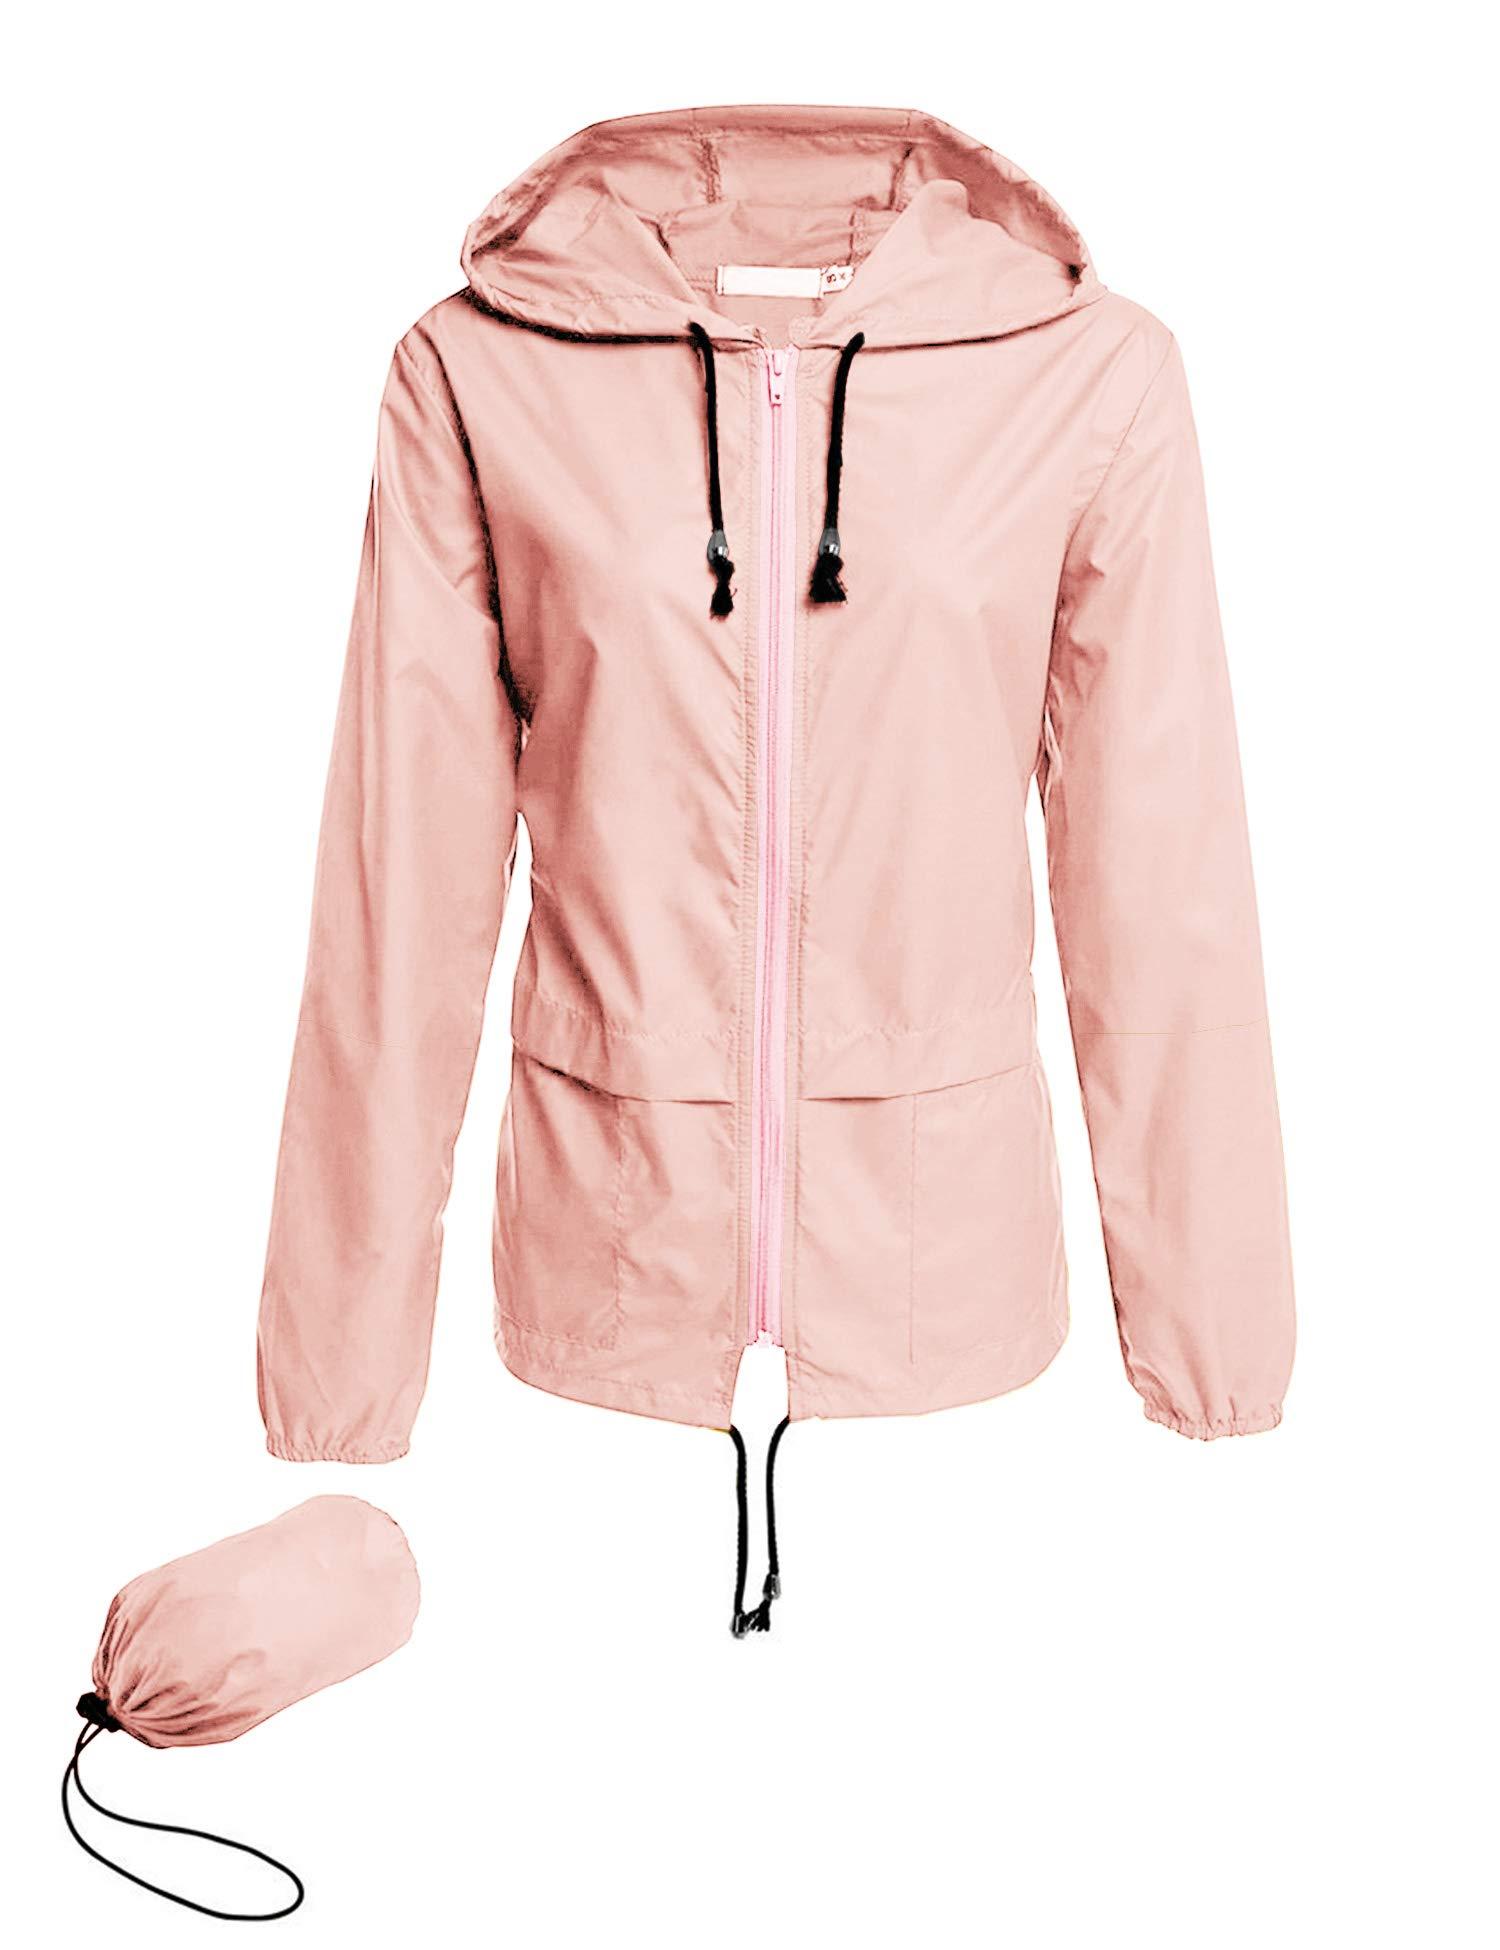 Avoogue Raincoat Women Lightweight Waterproof Fishing Rain Jackets Packable Outdoor Hooded Windbreaker (Pink XL) by Avoogue